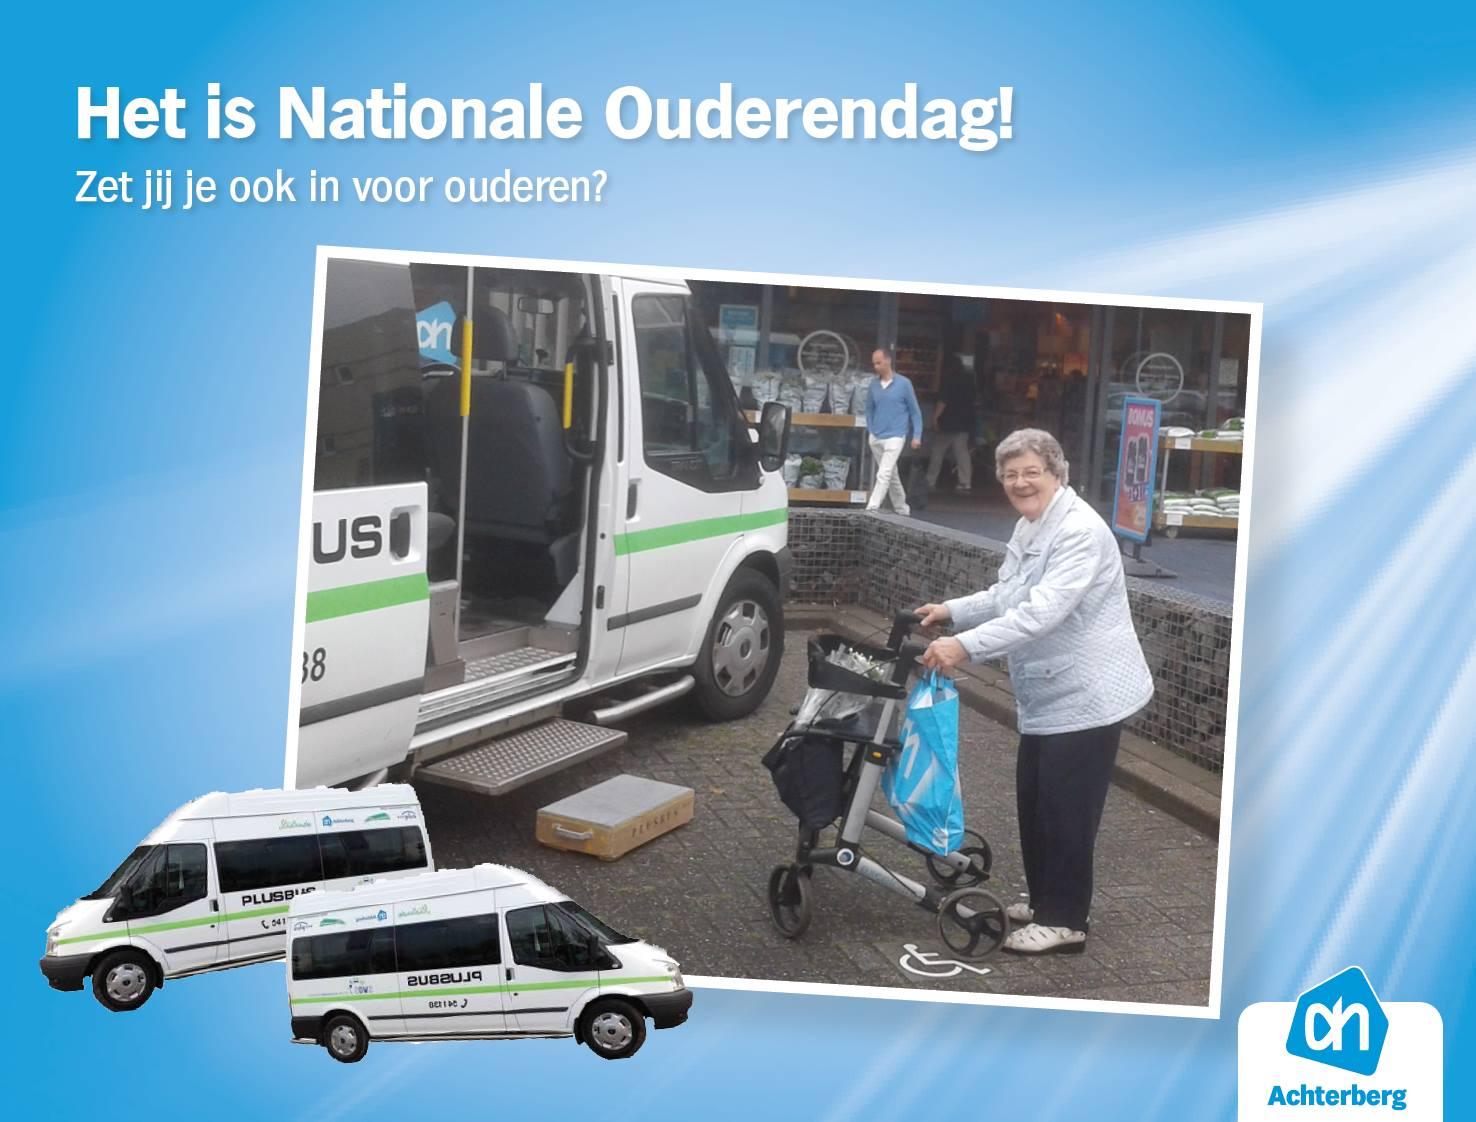 Met de Plusbus kunnen ouderen gratis naar AH Achterberg